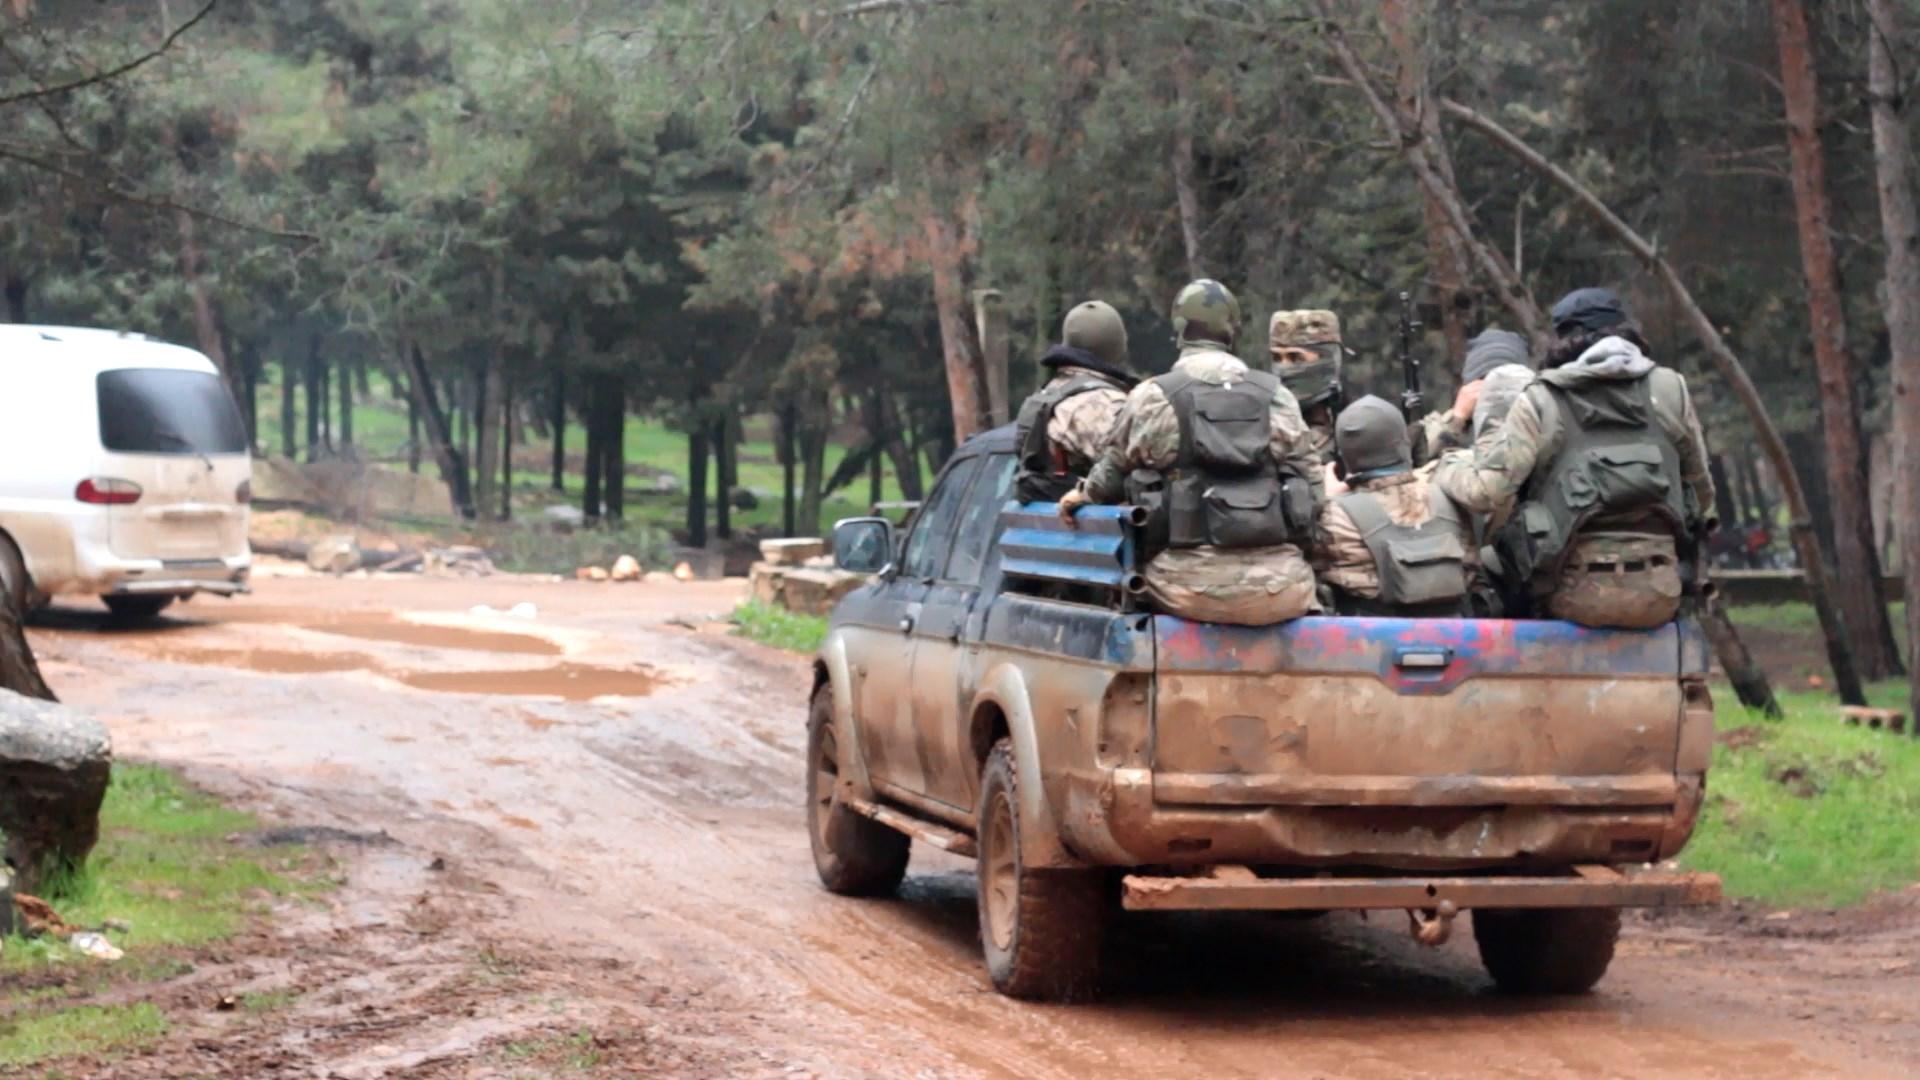 جبهة-تحرير-سوريا-والمتاجرة-بالمهاجرين